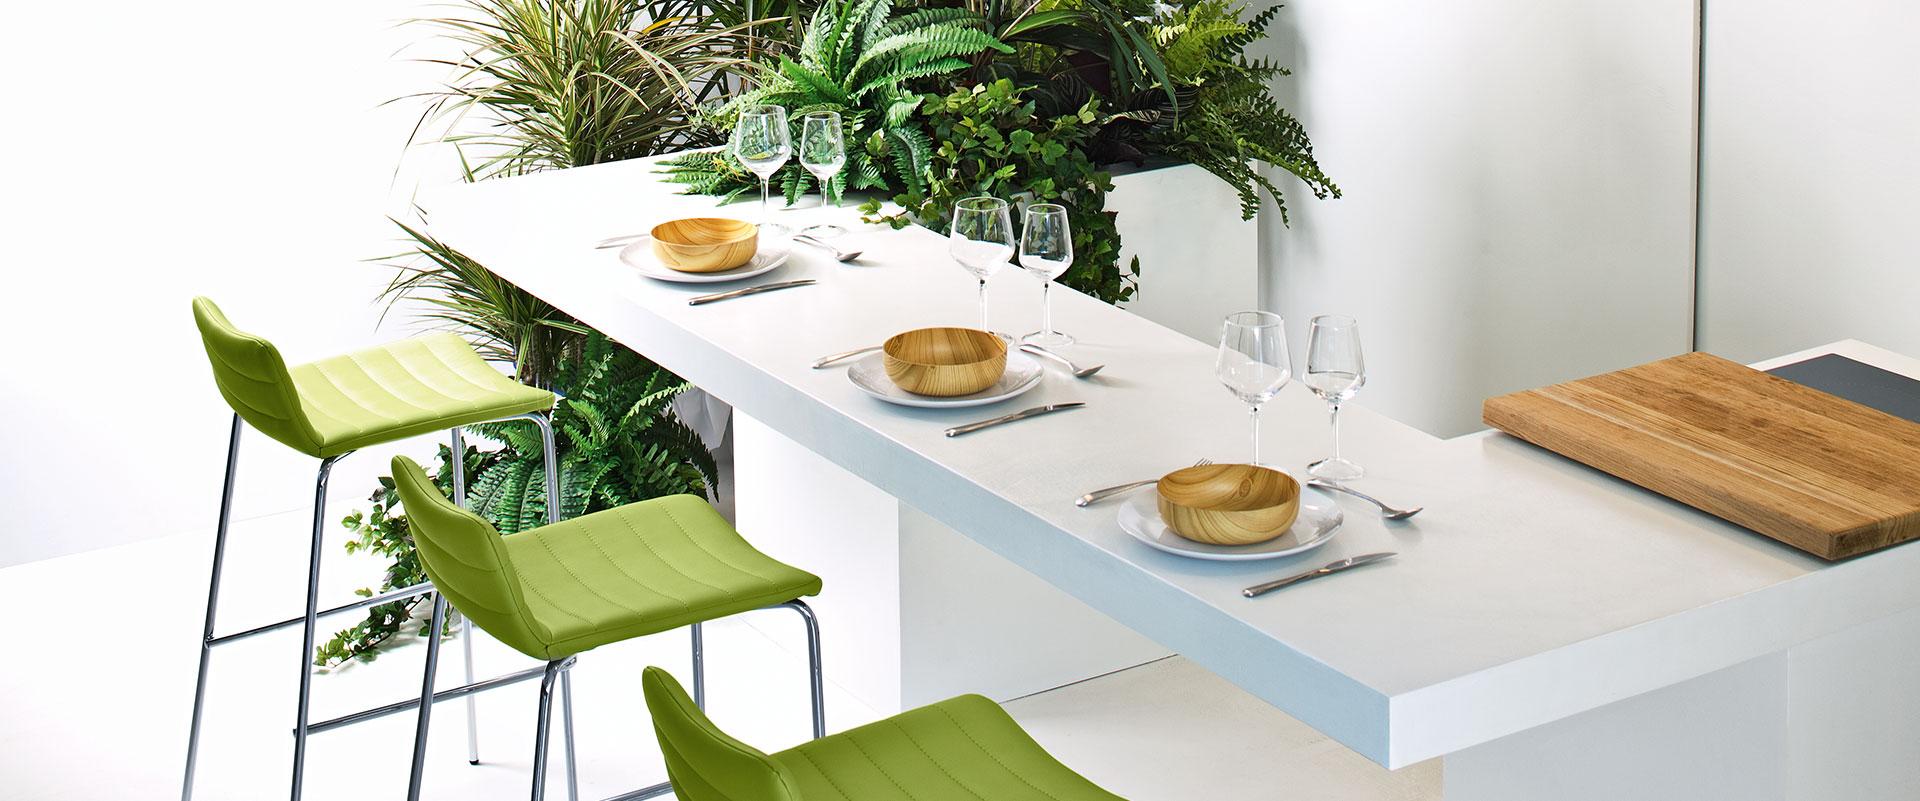 Chaise Design, Canapé Moderne, Lit Contemporain : Des Meubles Pour Tous Vos  Espaces De Vie